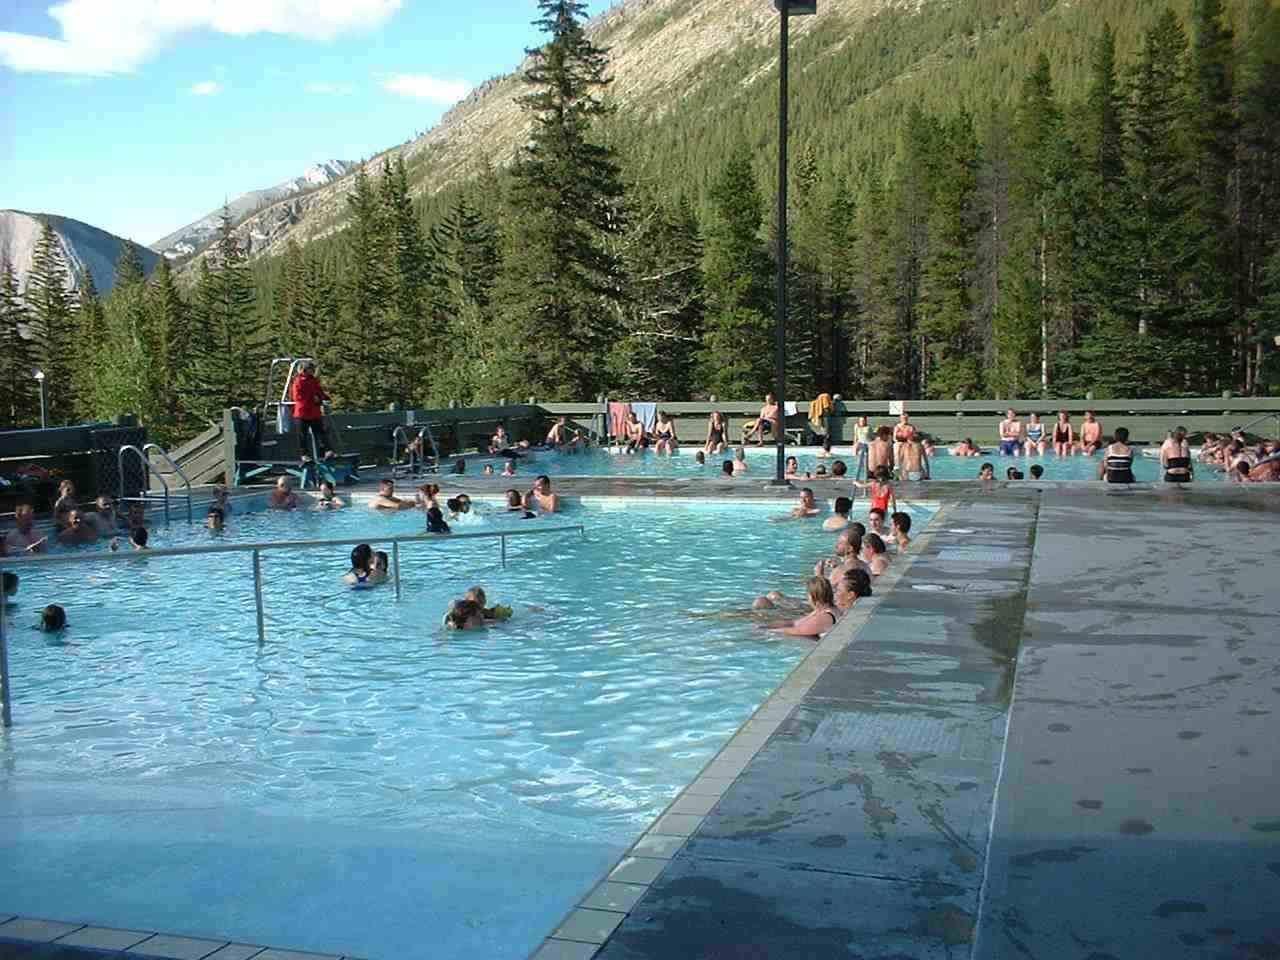 3. Sources thermales Miette, Alberta, Canada